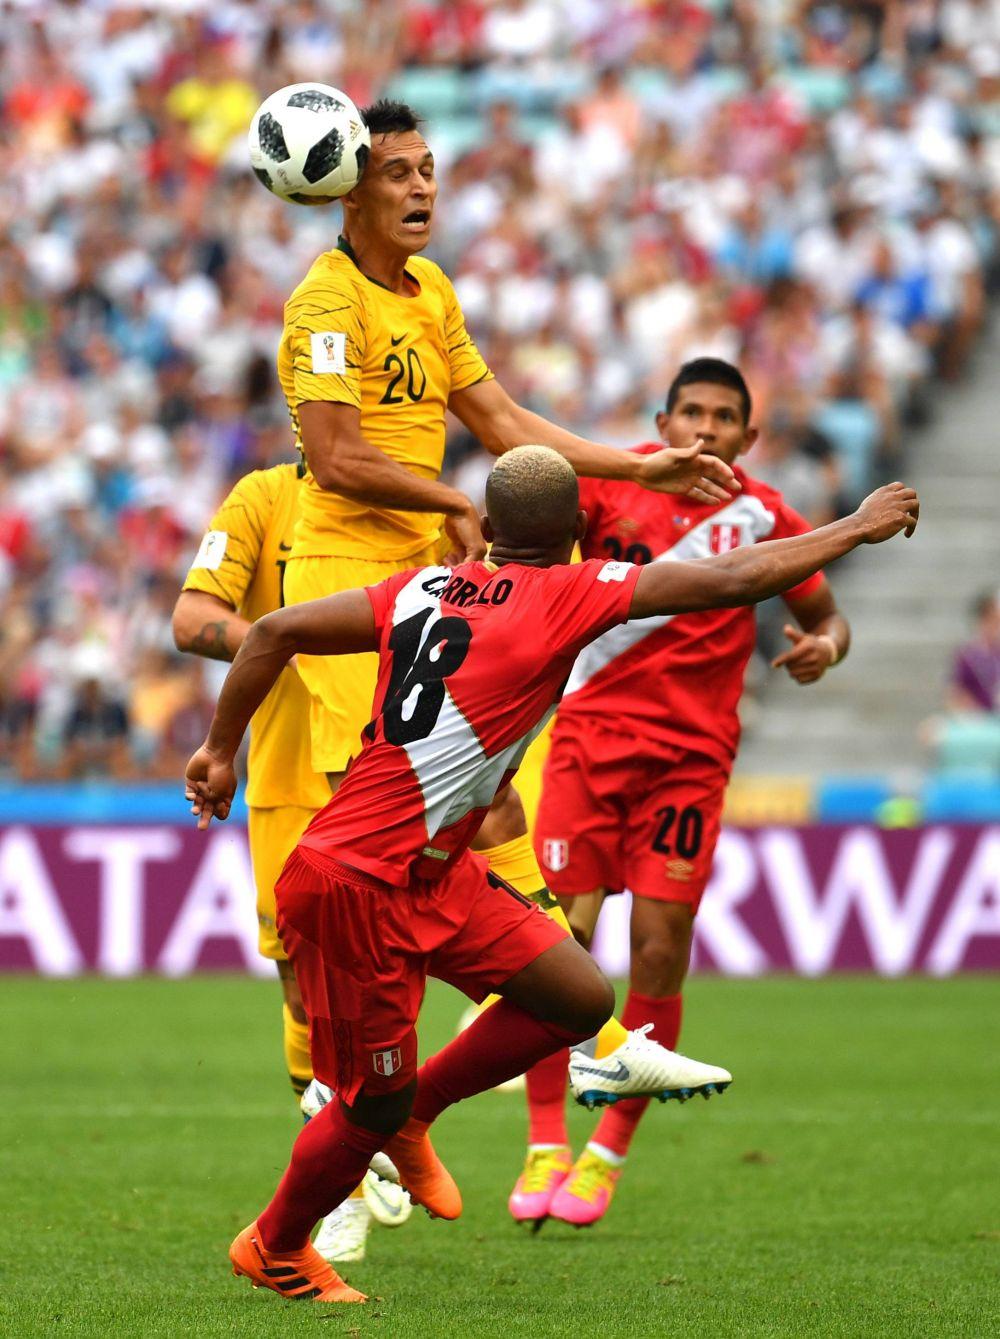 Австралиец отбивает мяч головой.